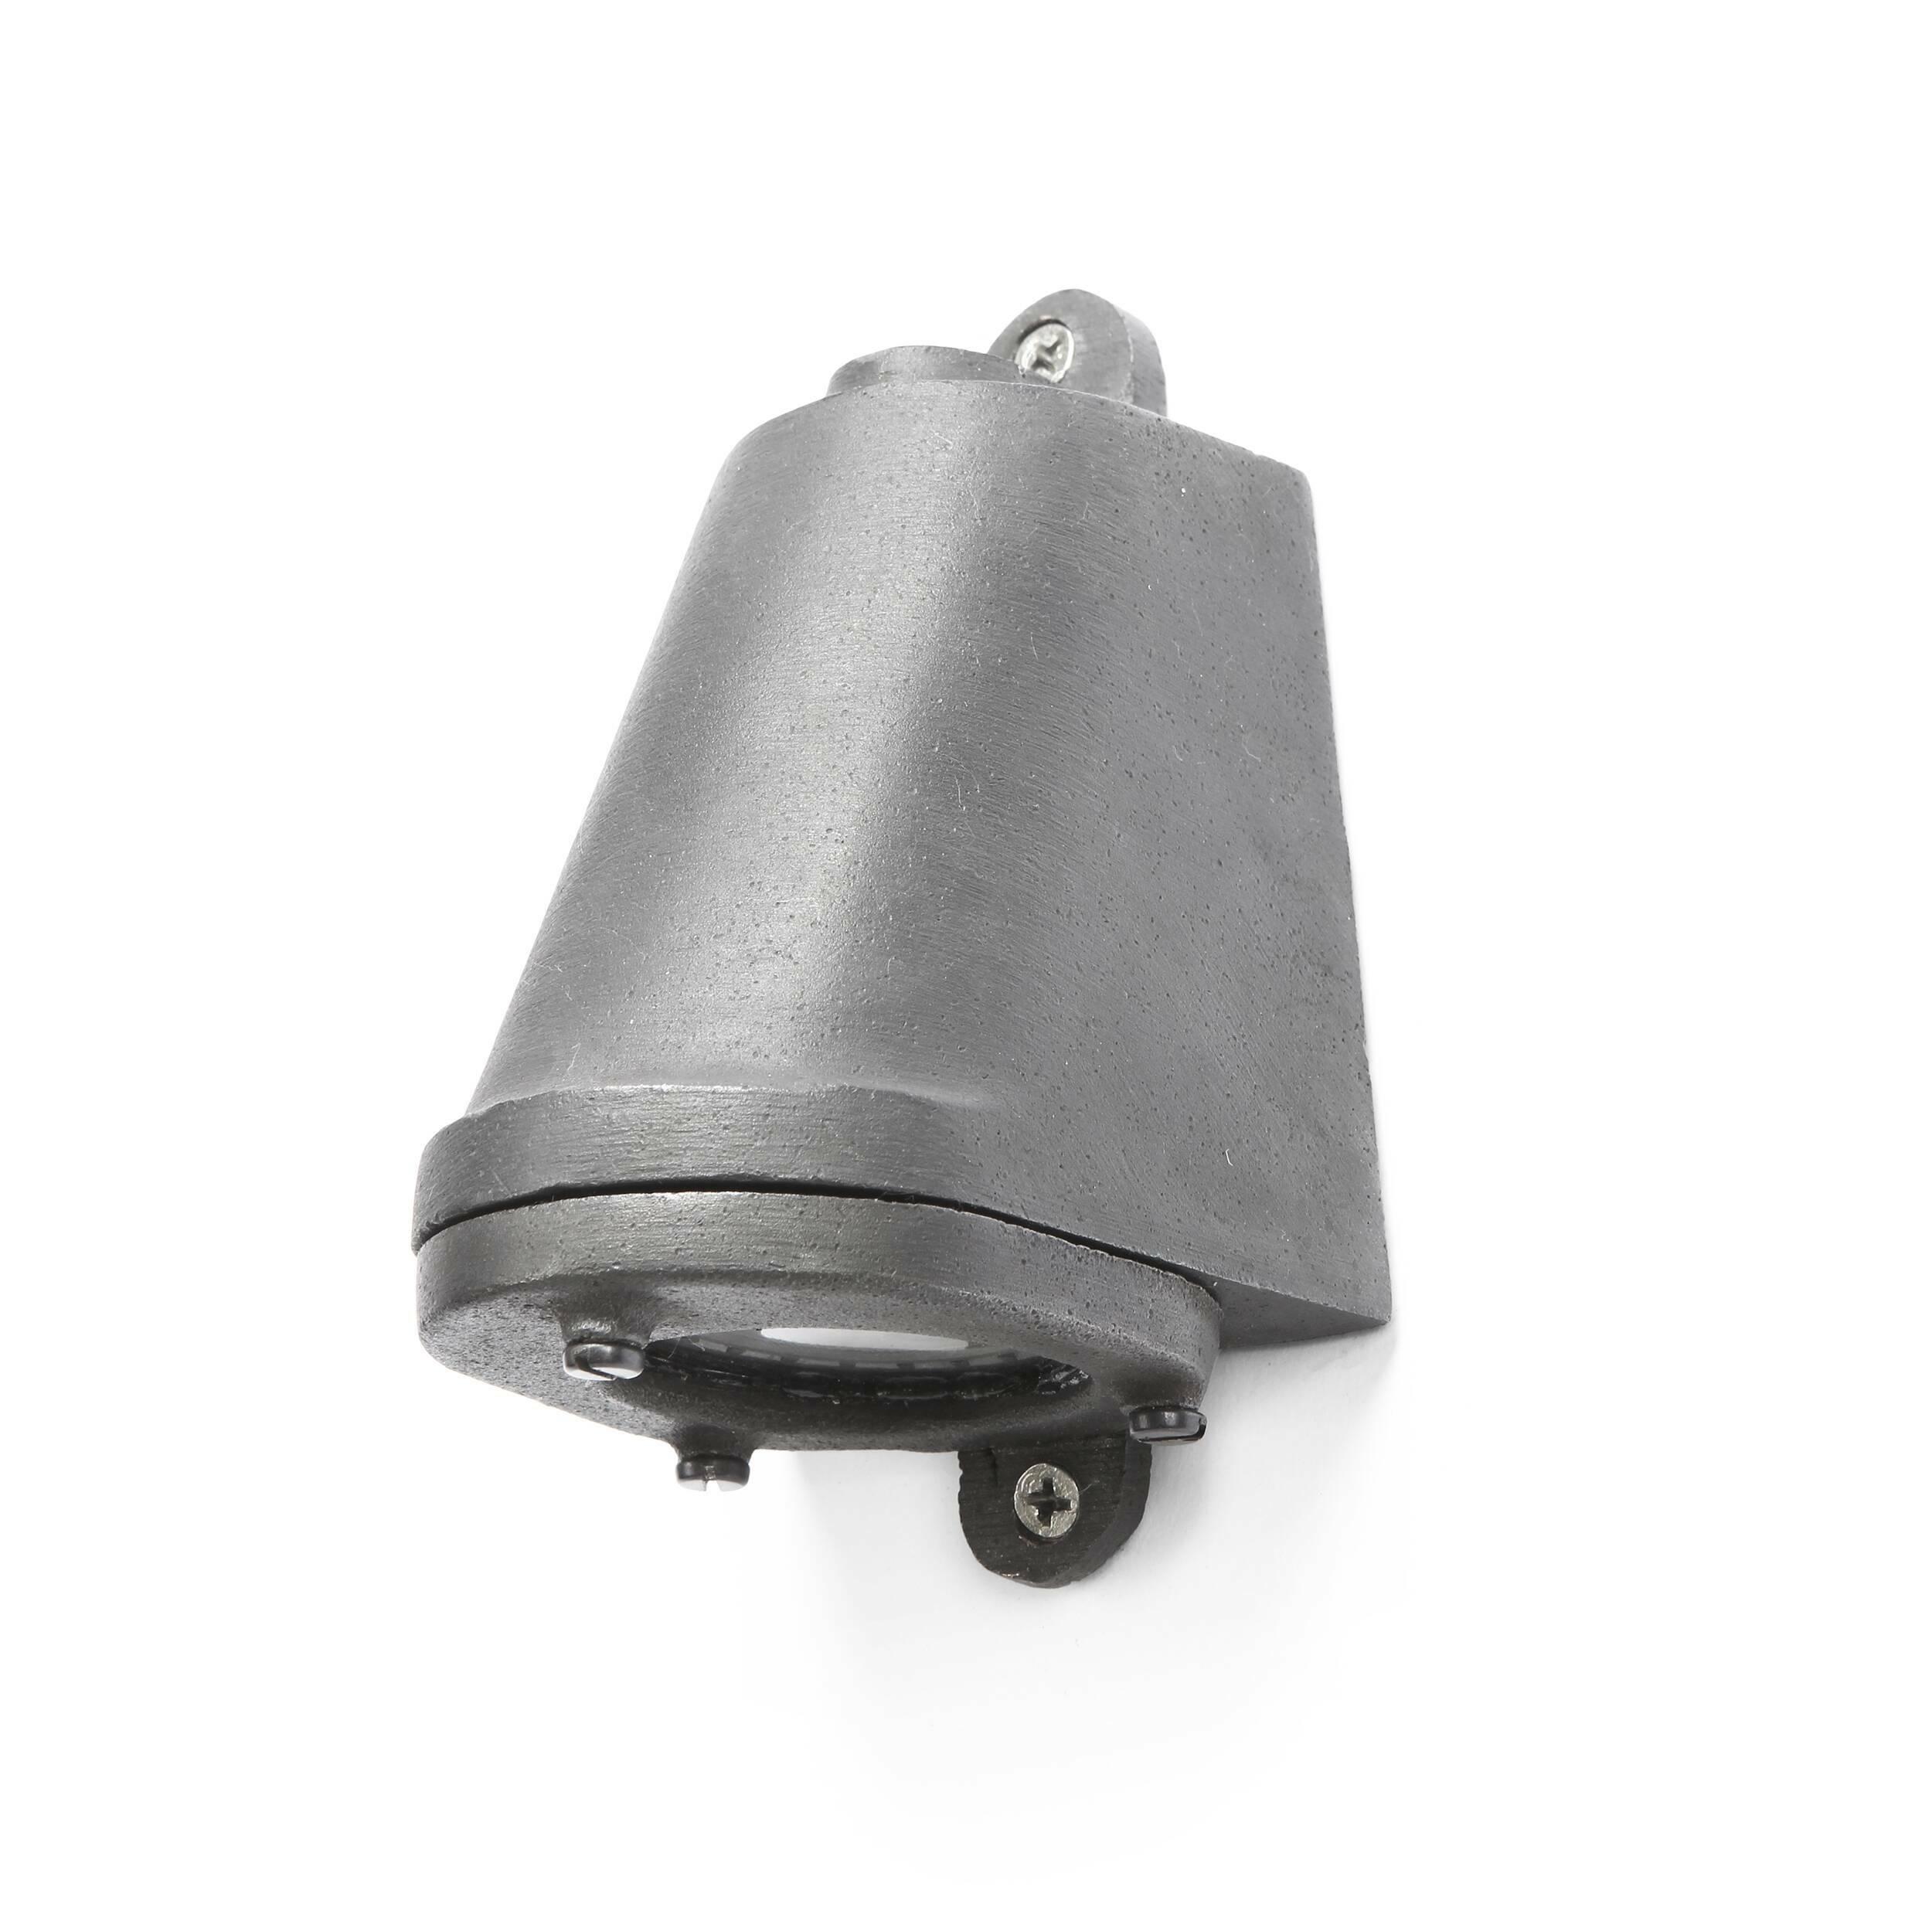 Настенный светильник Mast Light btc 6411